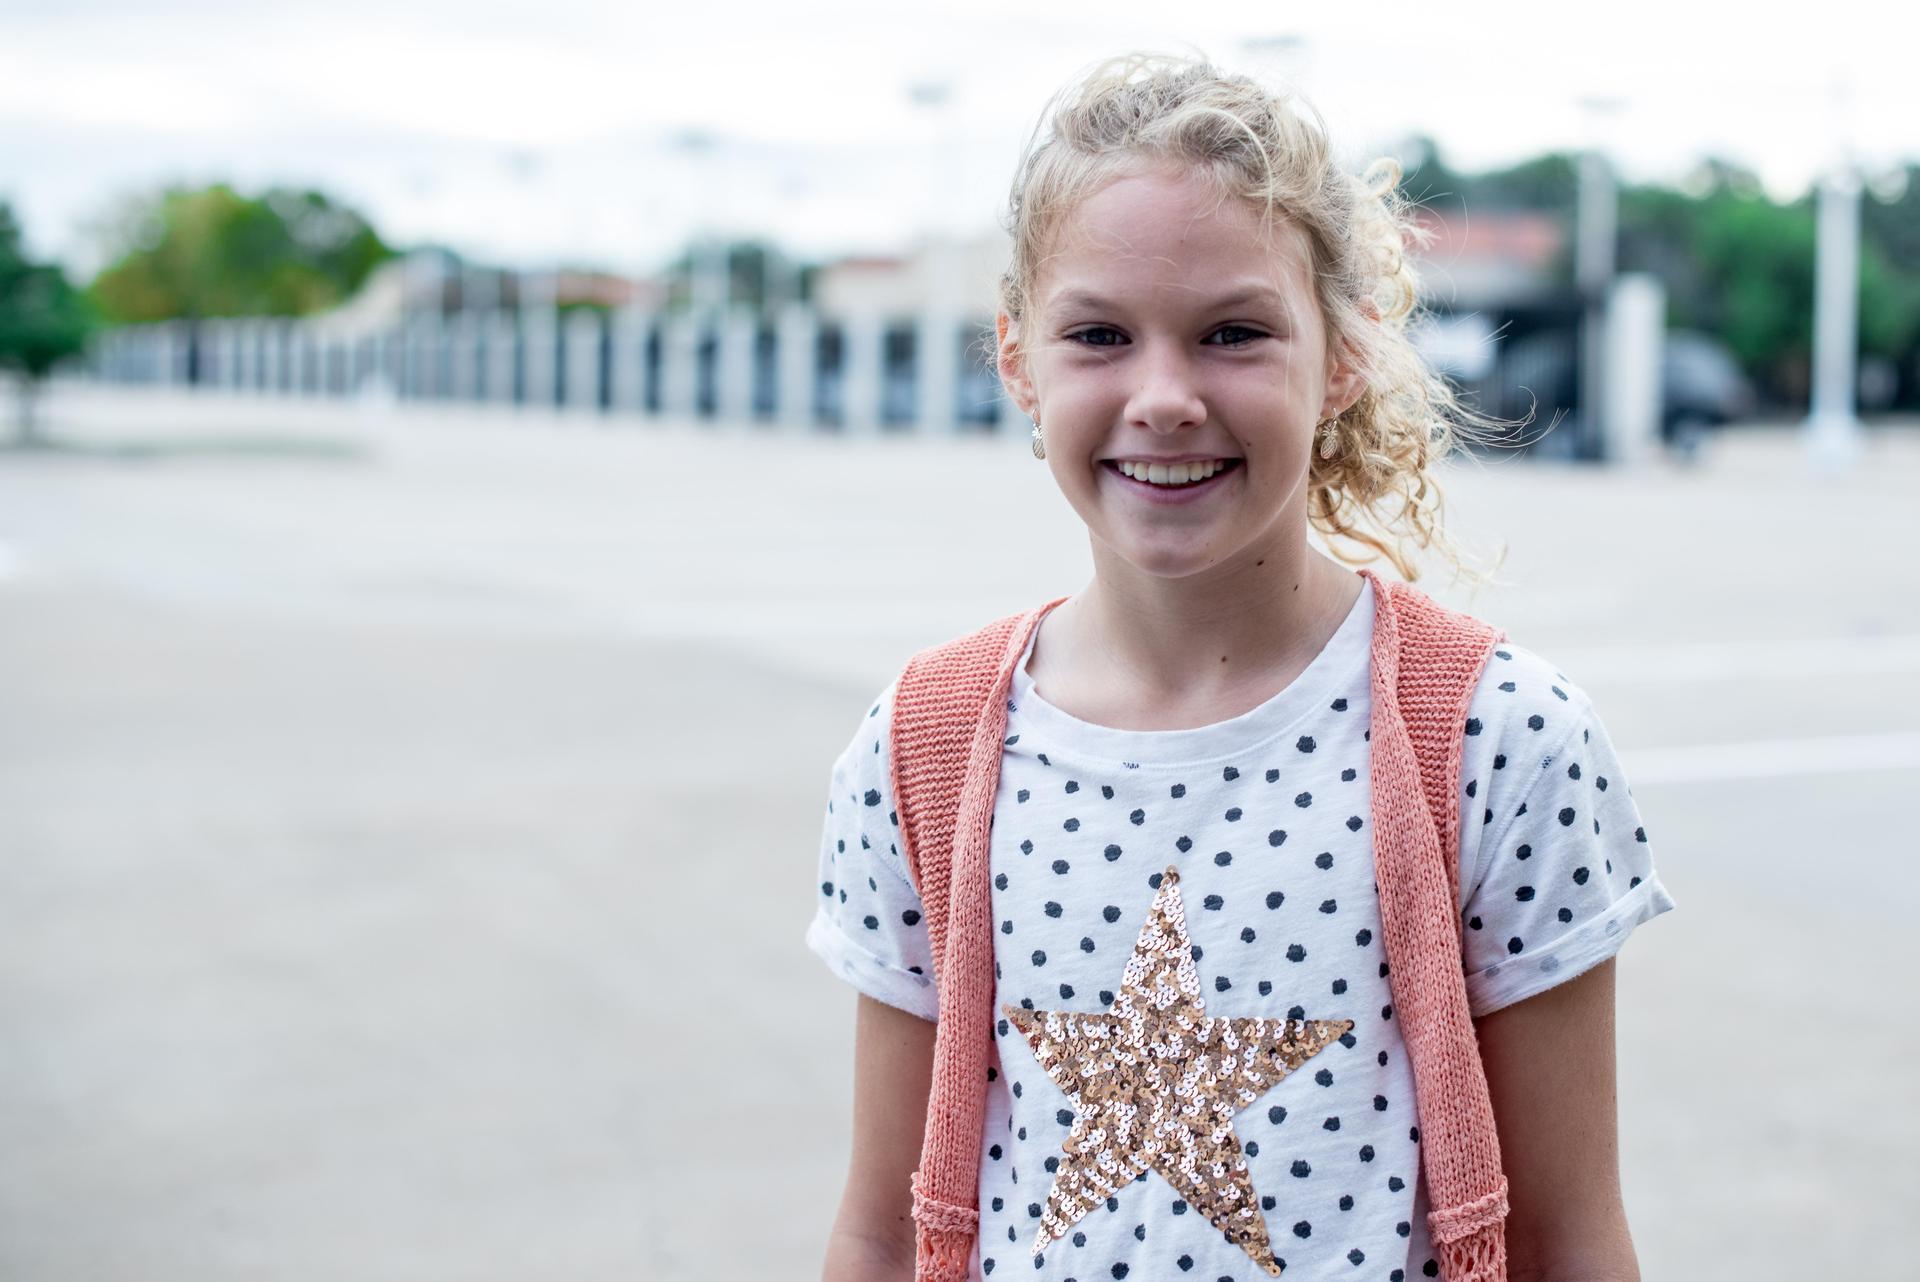 Lower School girl in free dress